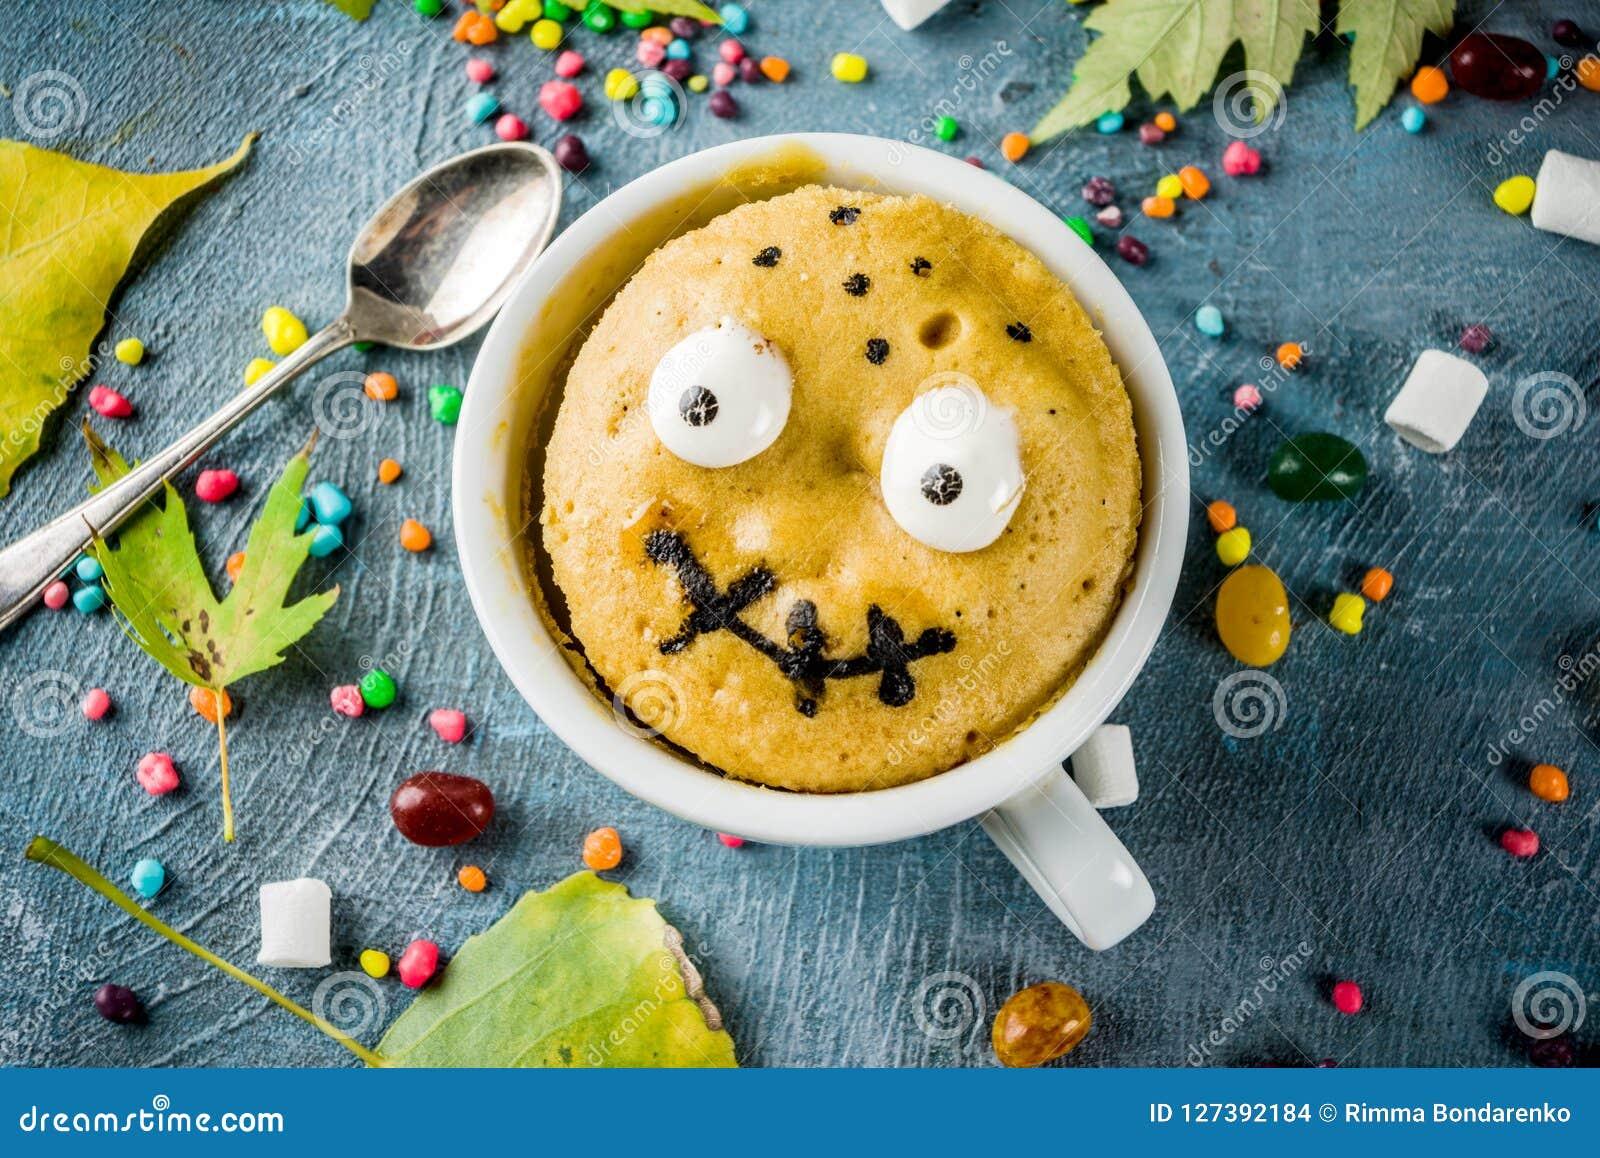 Funny mug cake for Halloween